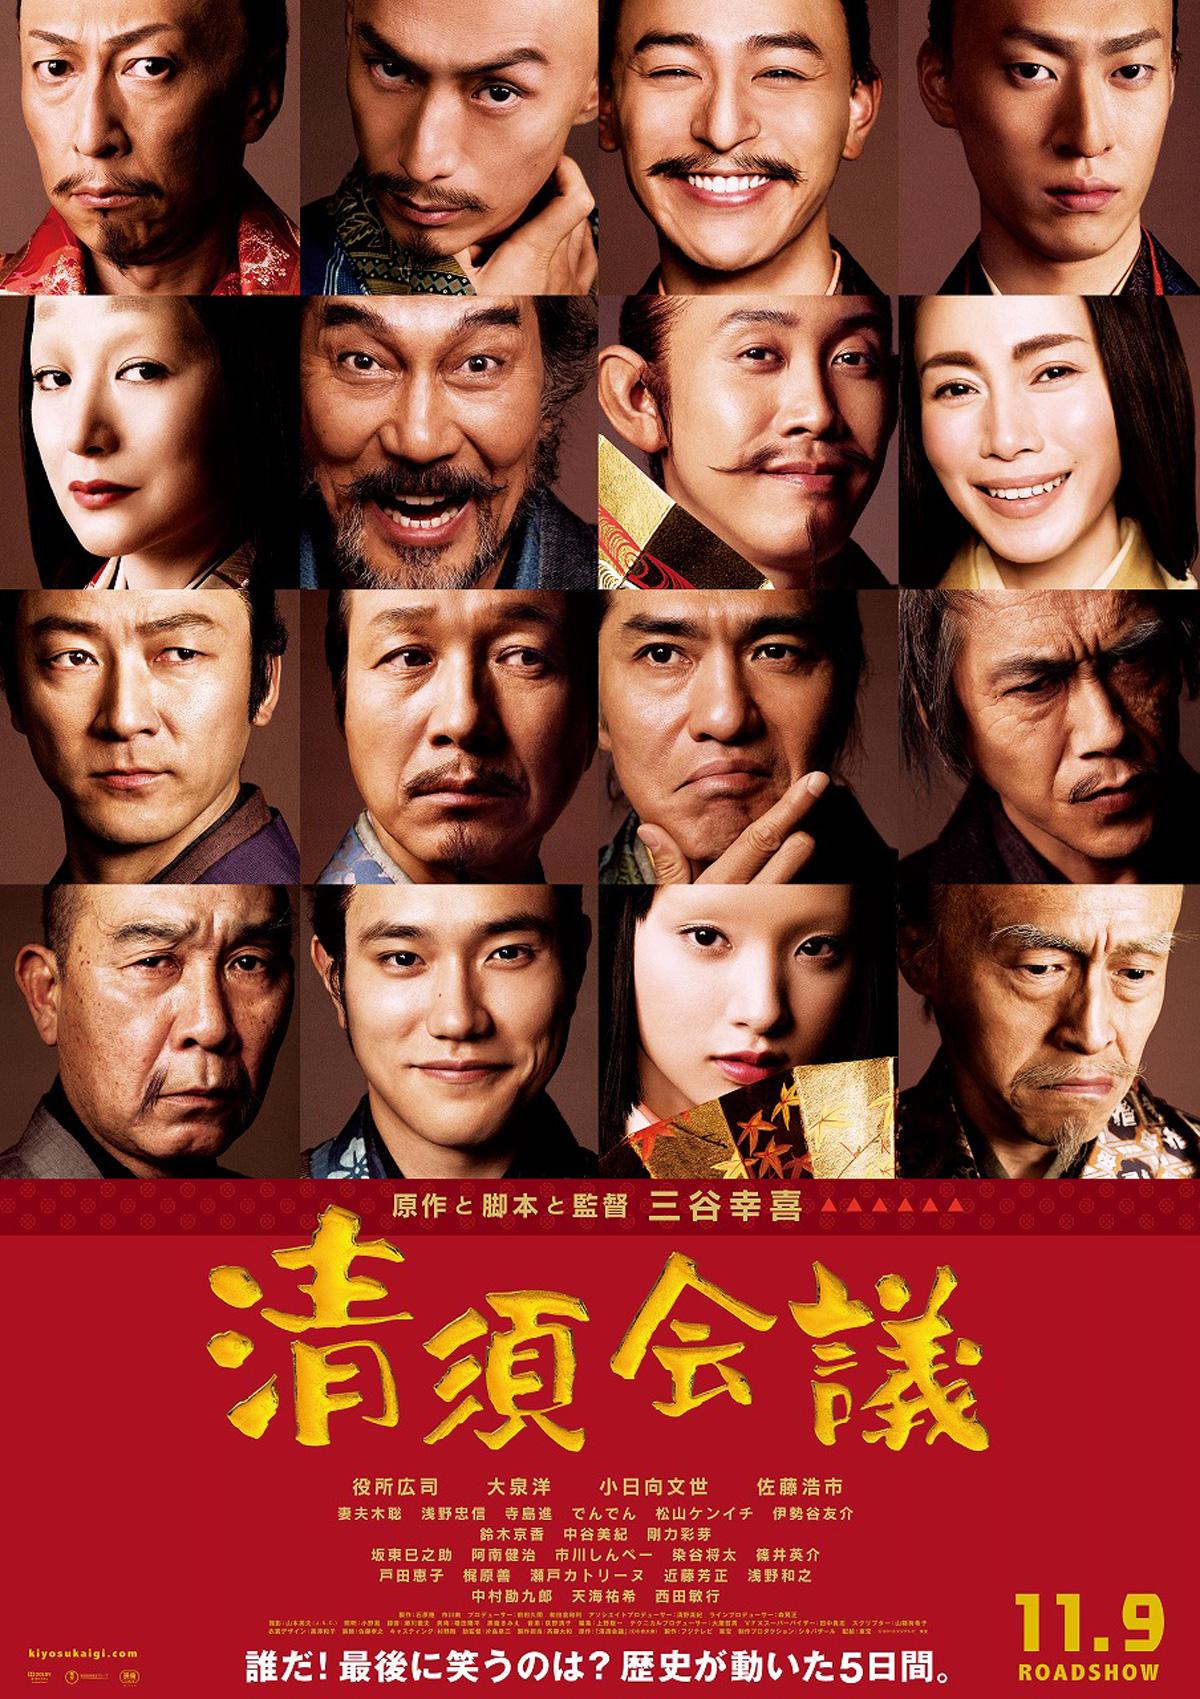 三谷幸喜作品「清須会議」ってどんな映画??キャストは??のサムネイル画像